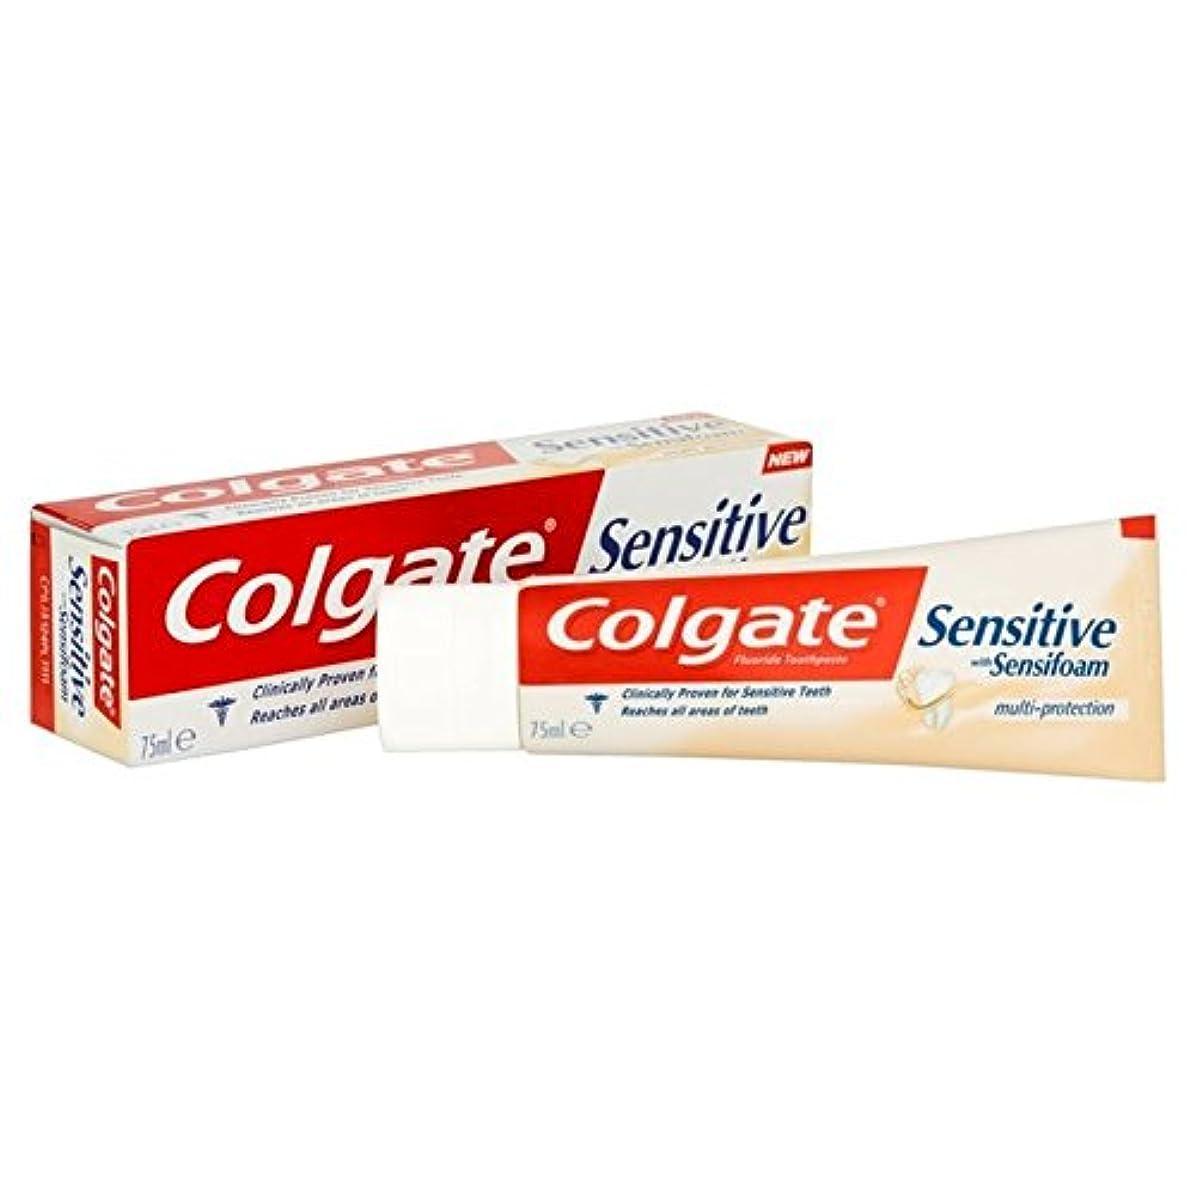 パールホバーブラシColgate Sensitive Foam Multi Protect Toothpaste 75ml - コルゲート敏感な泡は、マルチ歯磨き粉75ミリリットルを保護します [並行輸入品]